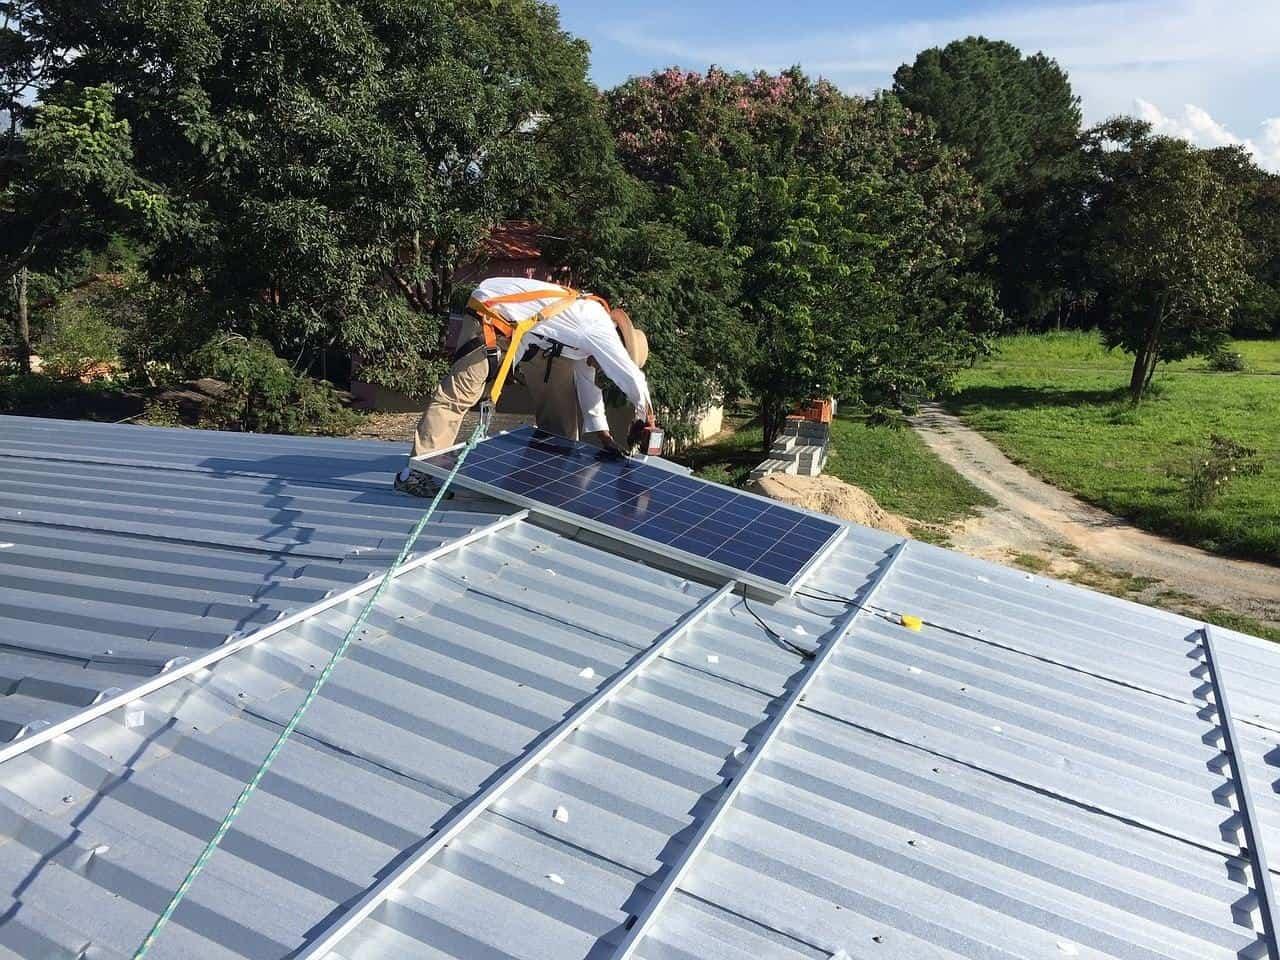 installateur de panneaux solaire en france